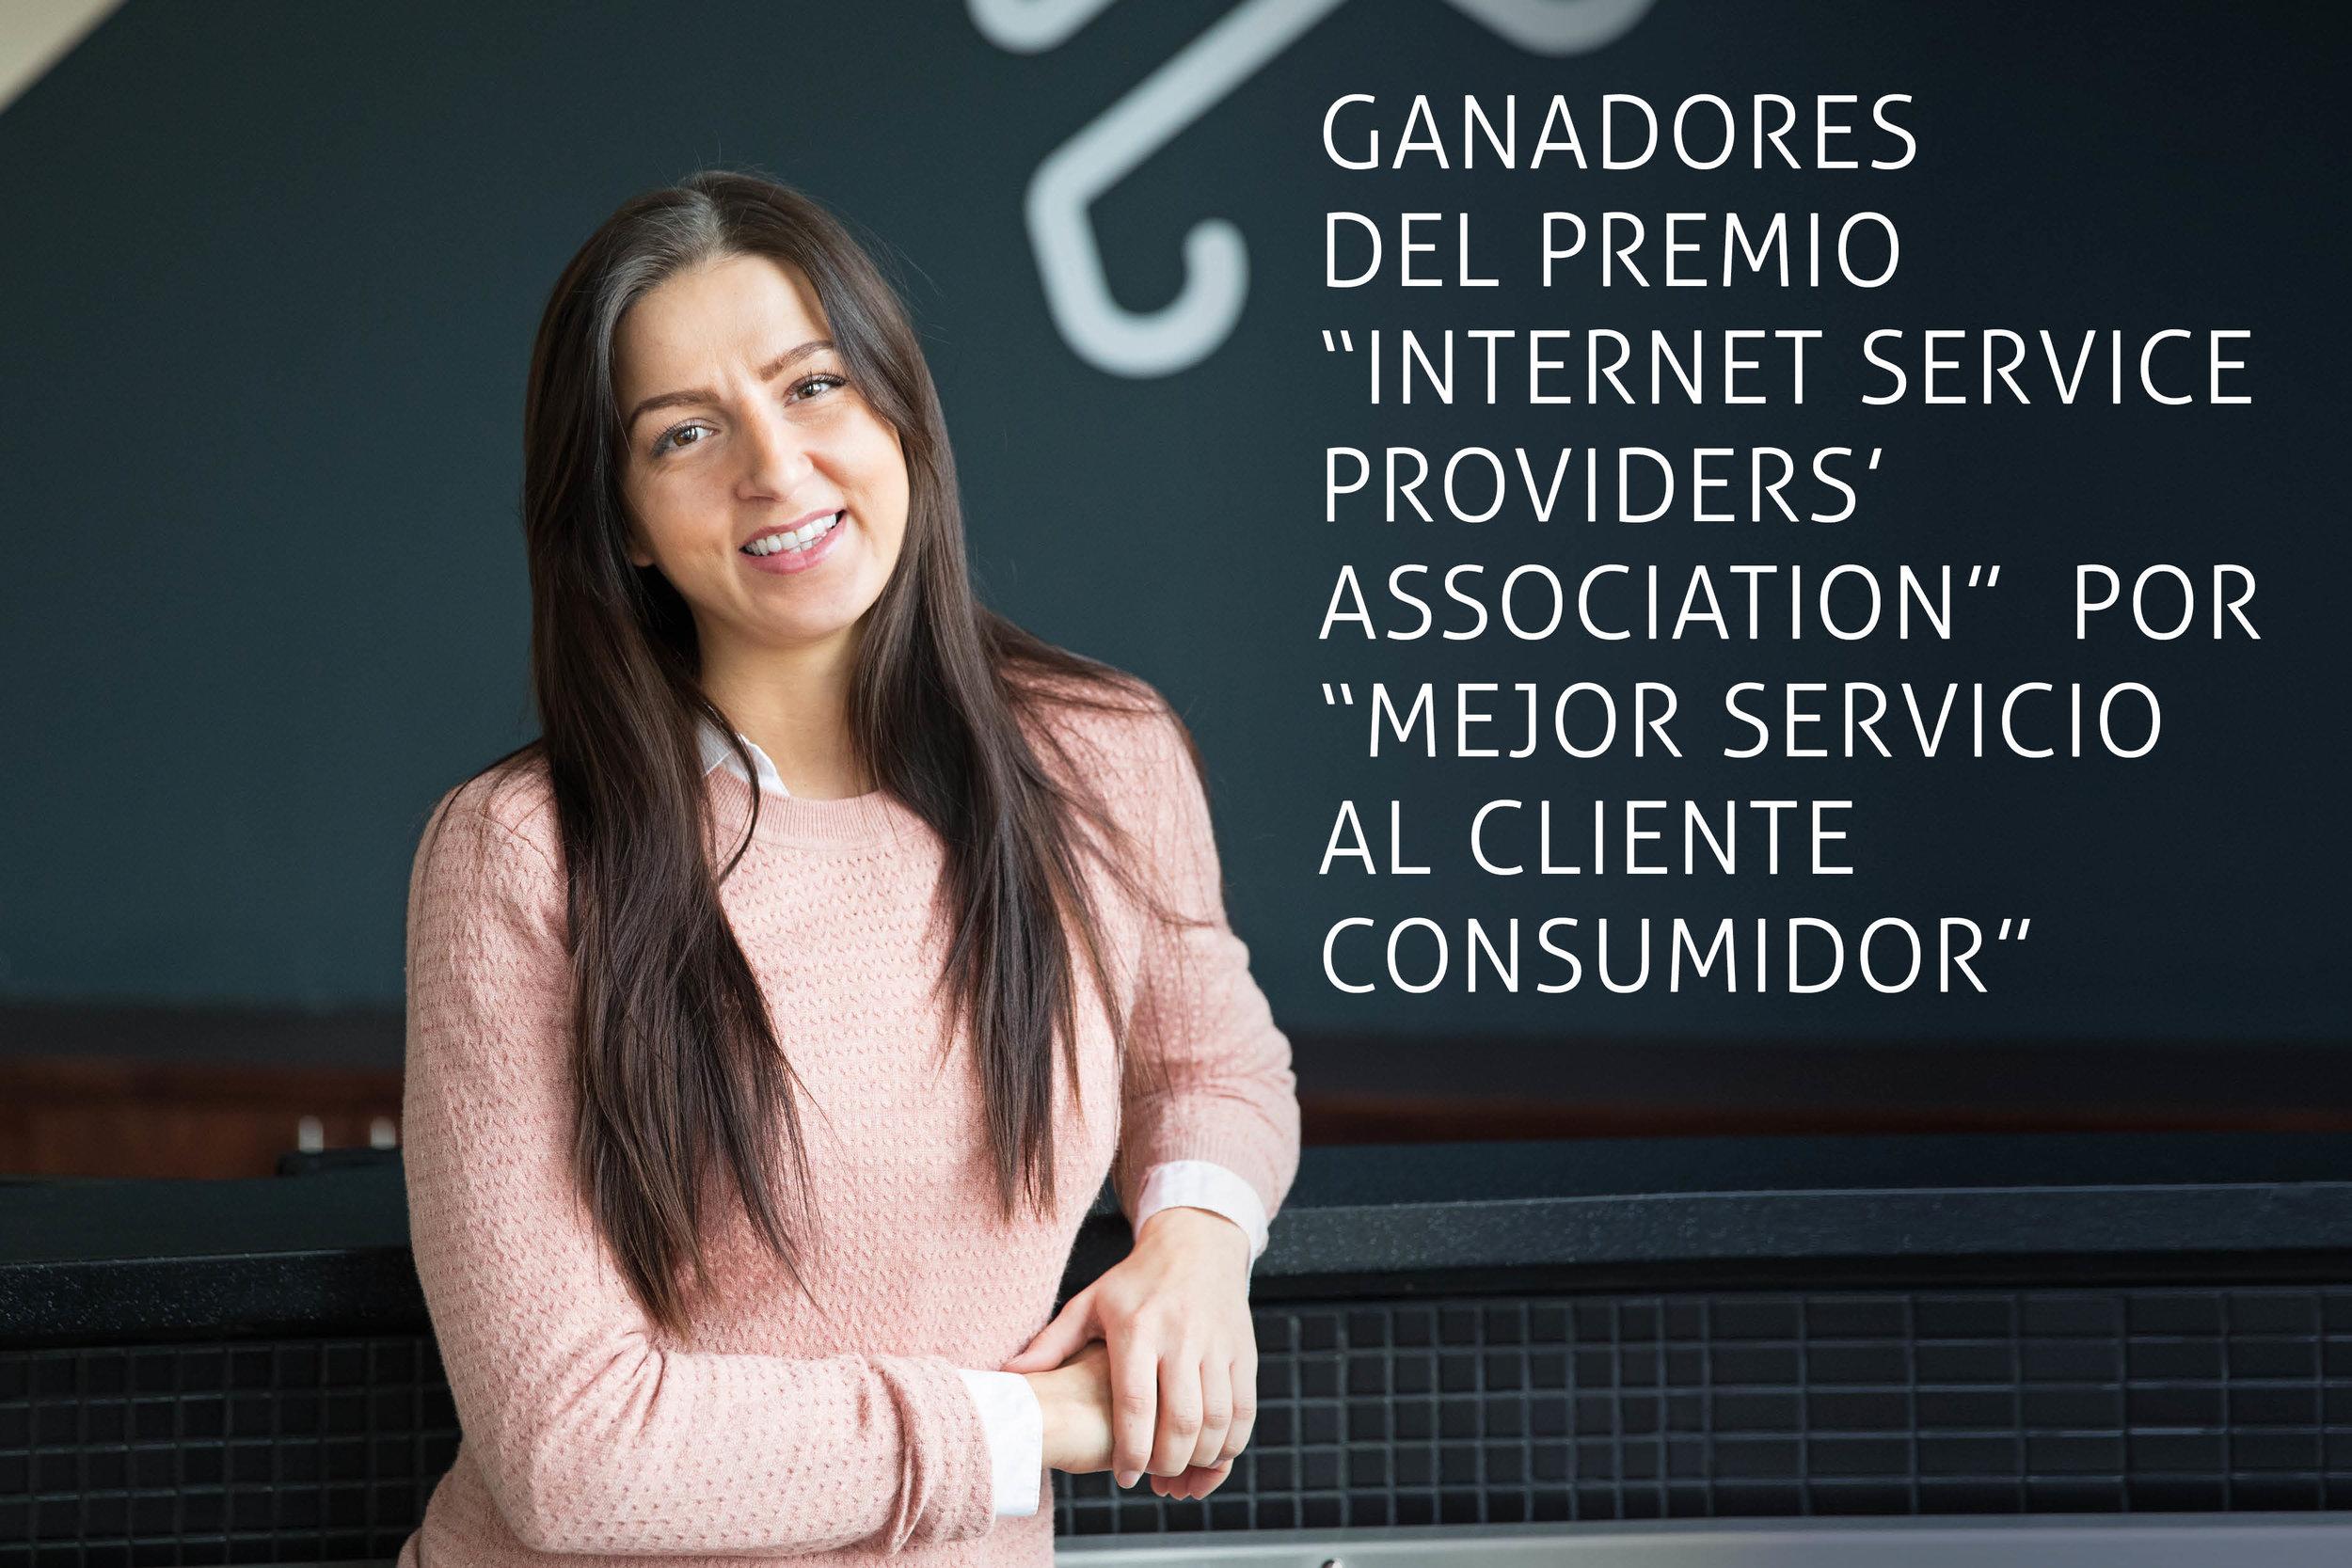 """Ganadores del premio """"Internet Service Providers' Association"""" por """"Mejor Servicio al Cliente Consumidor"""""""